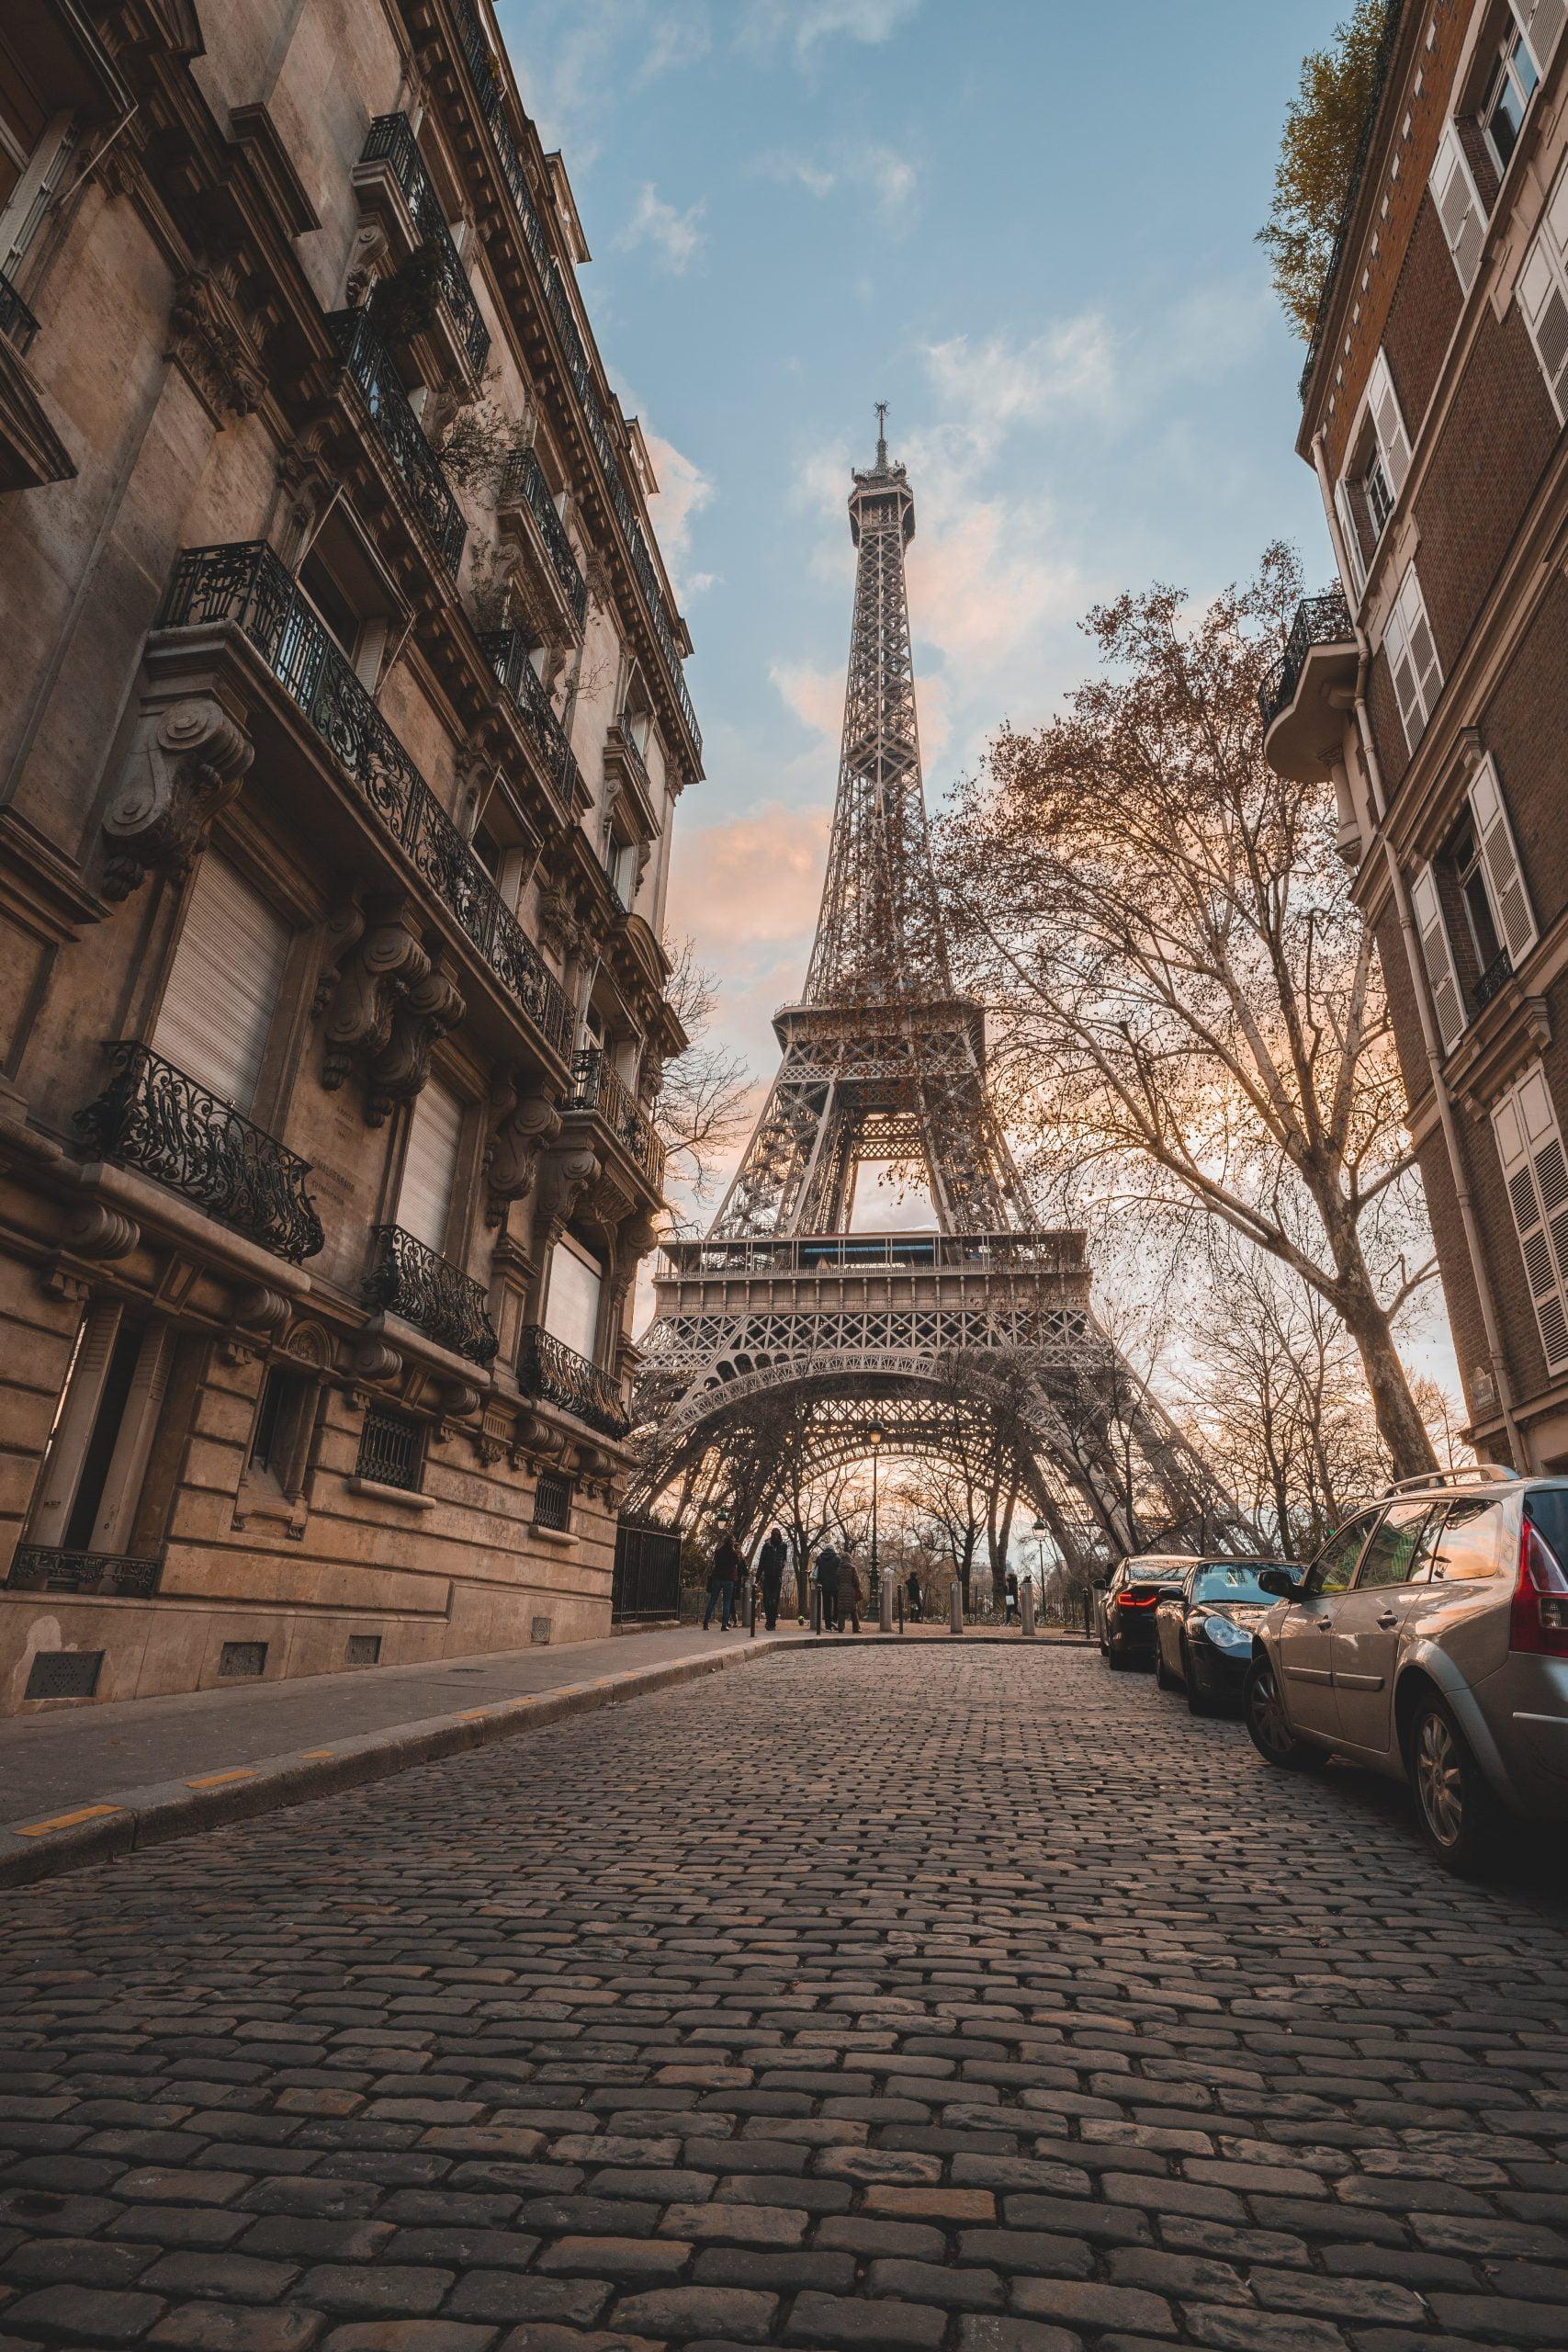 เที่ยวยุโรป ฝรั่งเศส ปารีส